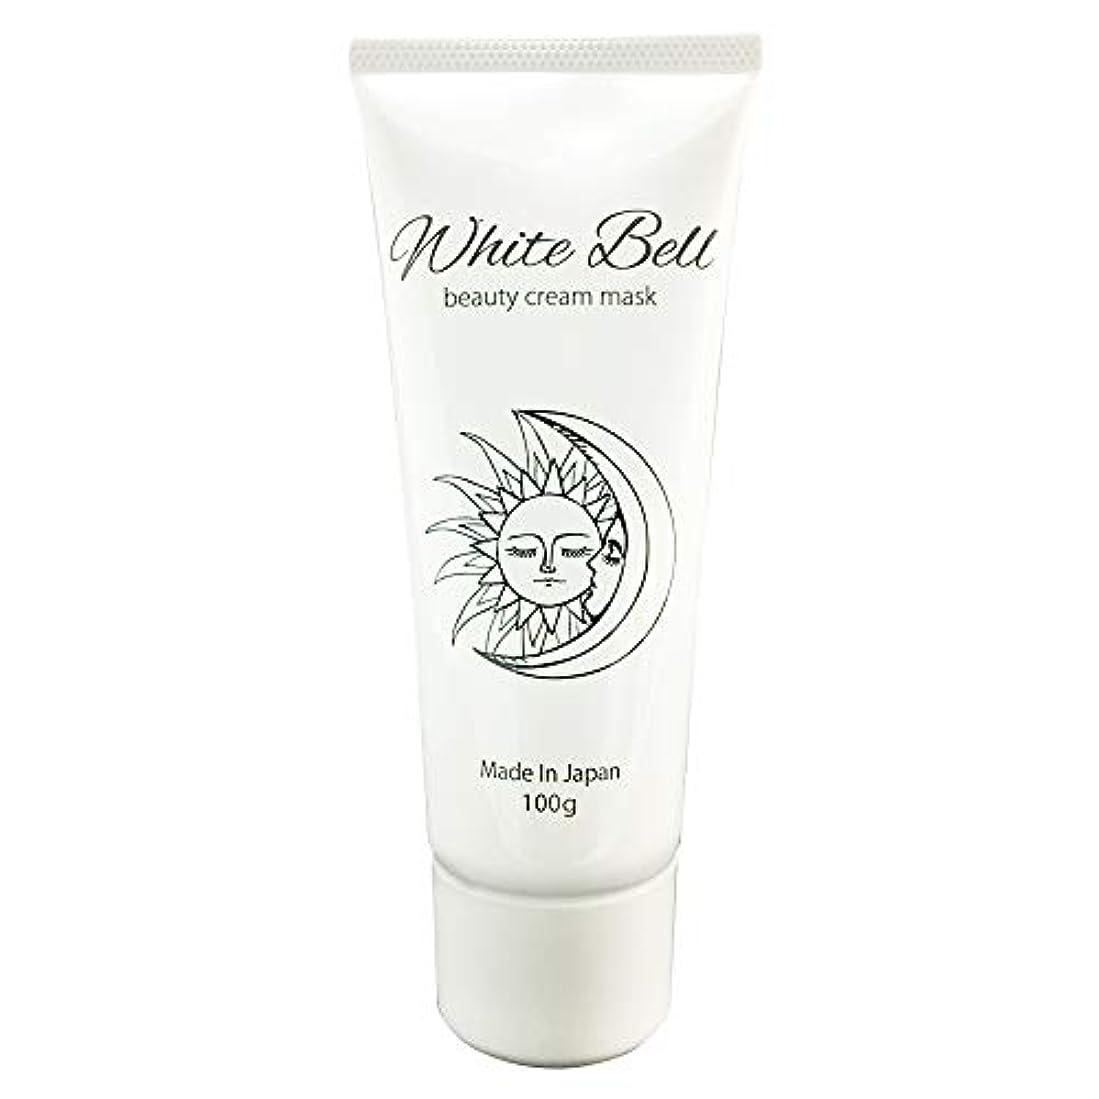 犯人スポンジ鹿ホワイトベル ビューティークリームマスク White-Bell beauty cream mask ナイトクリーム オールインワン